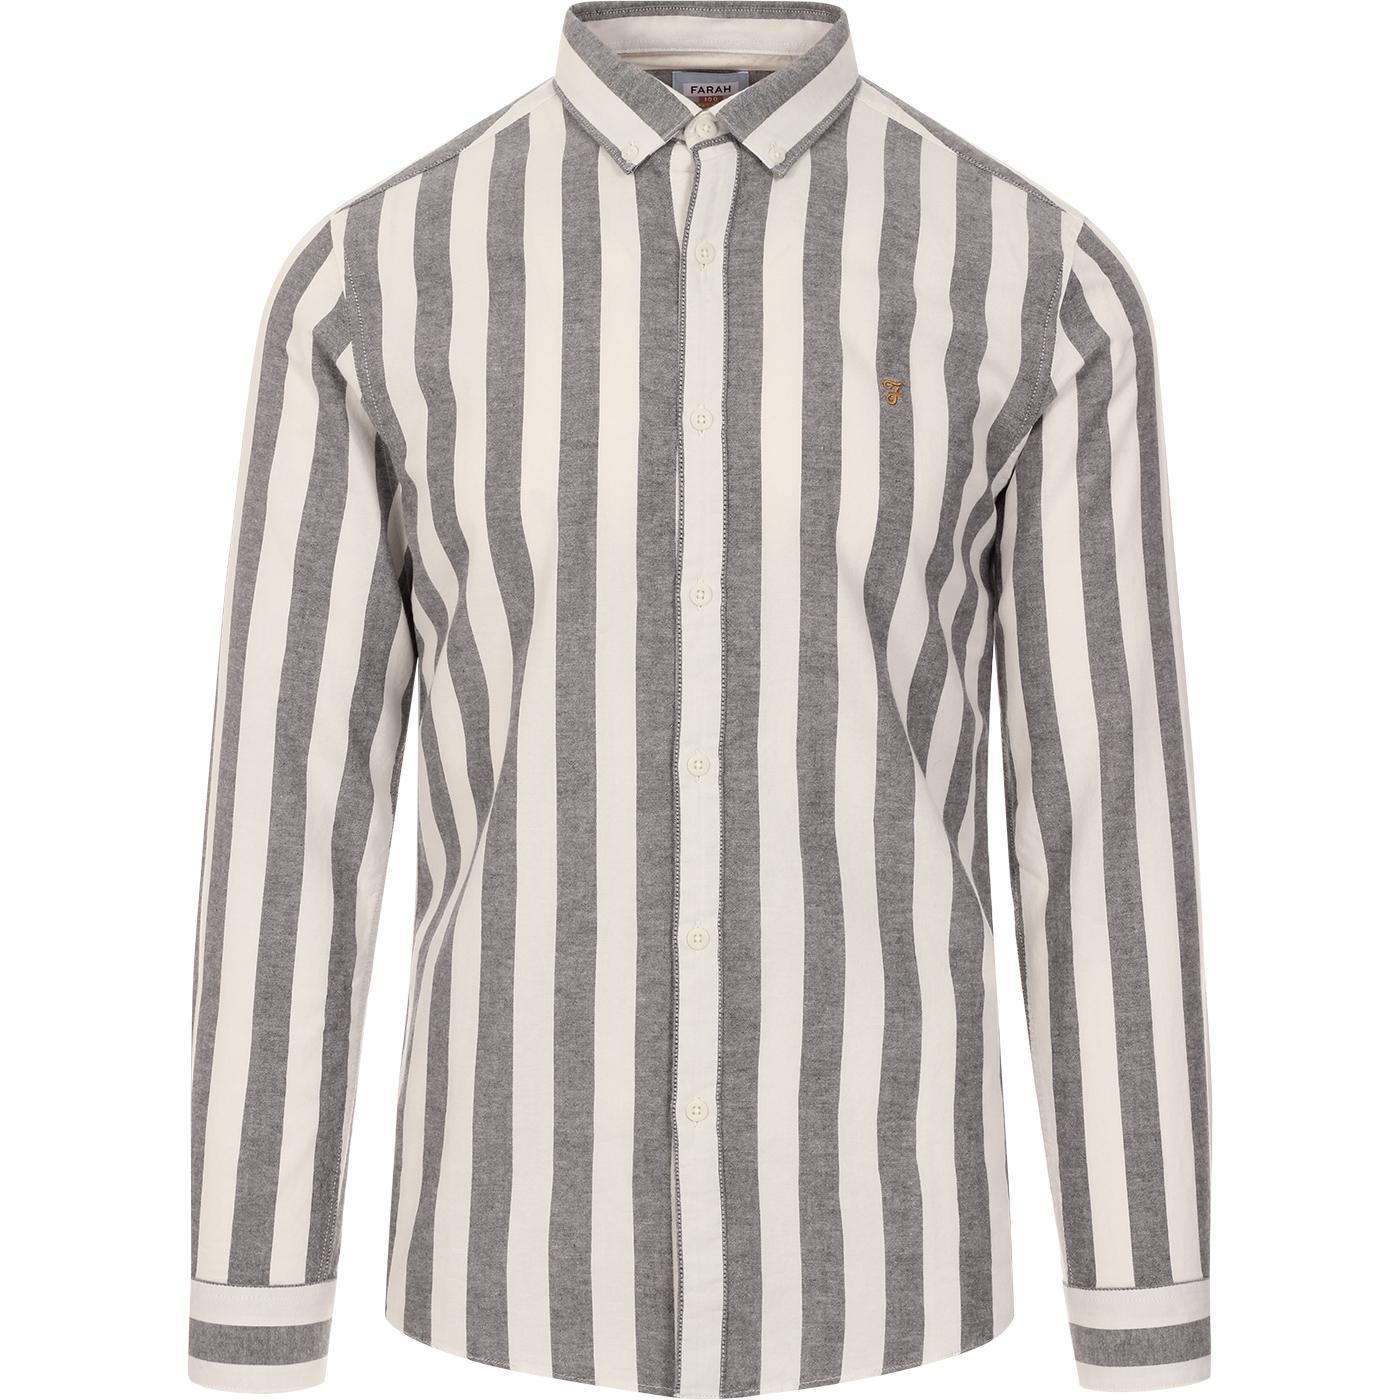 Milton FARAH 100 Mod Stripe BD Oxford Shirt (TN)